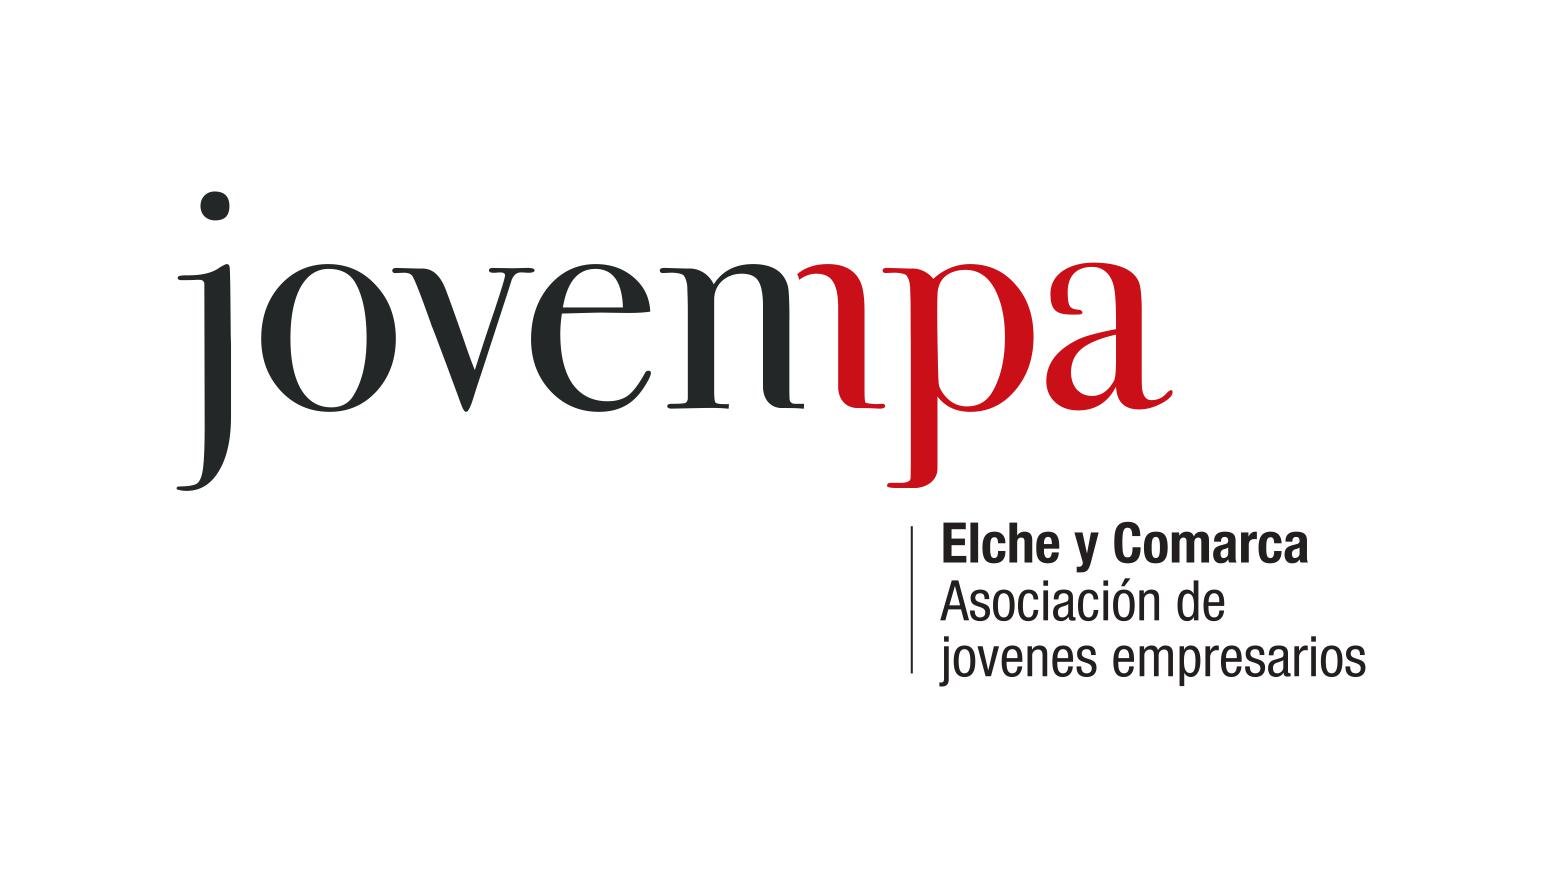 Asociación de Jóvenes Empresarios de Elche y Comarca JOVEMPA ELCHE